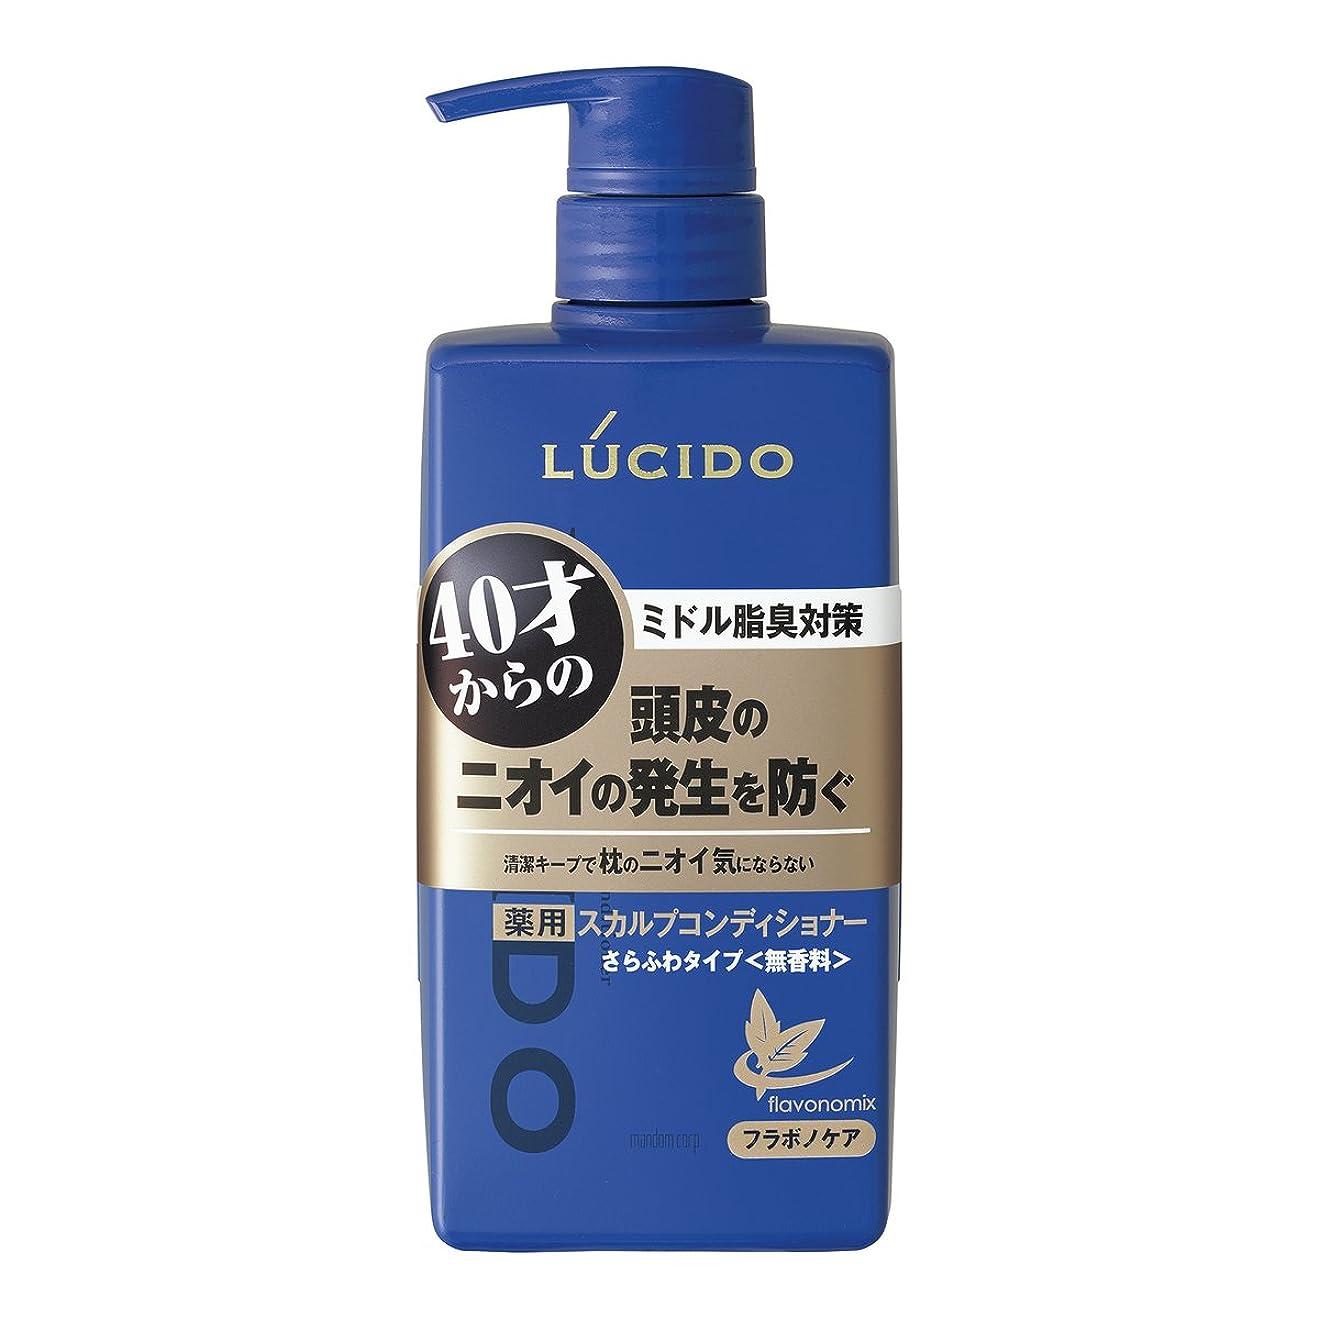 主に典型的なうれしいルシード 薬用ヘア&スカルプコンディショナー 450g(医薬部外品)